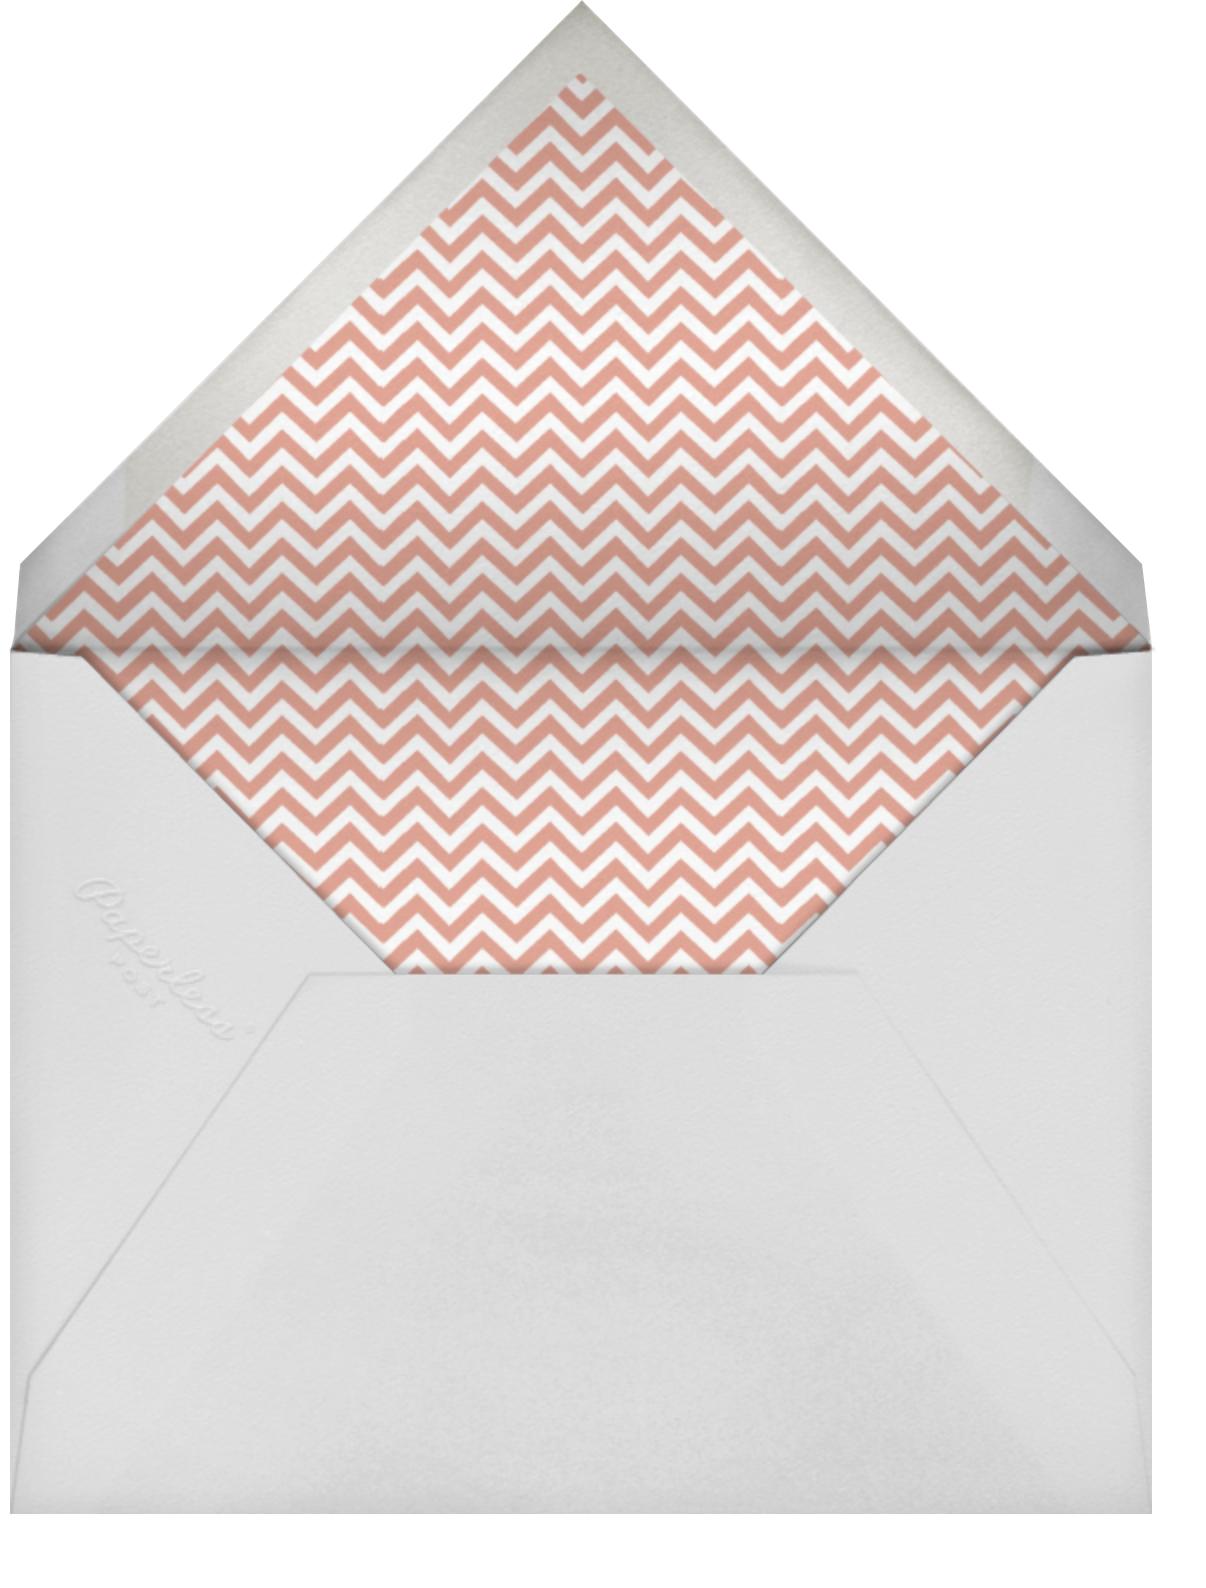 Starburst - Chamois - Linda and Harriett - Engagement party - envelope back